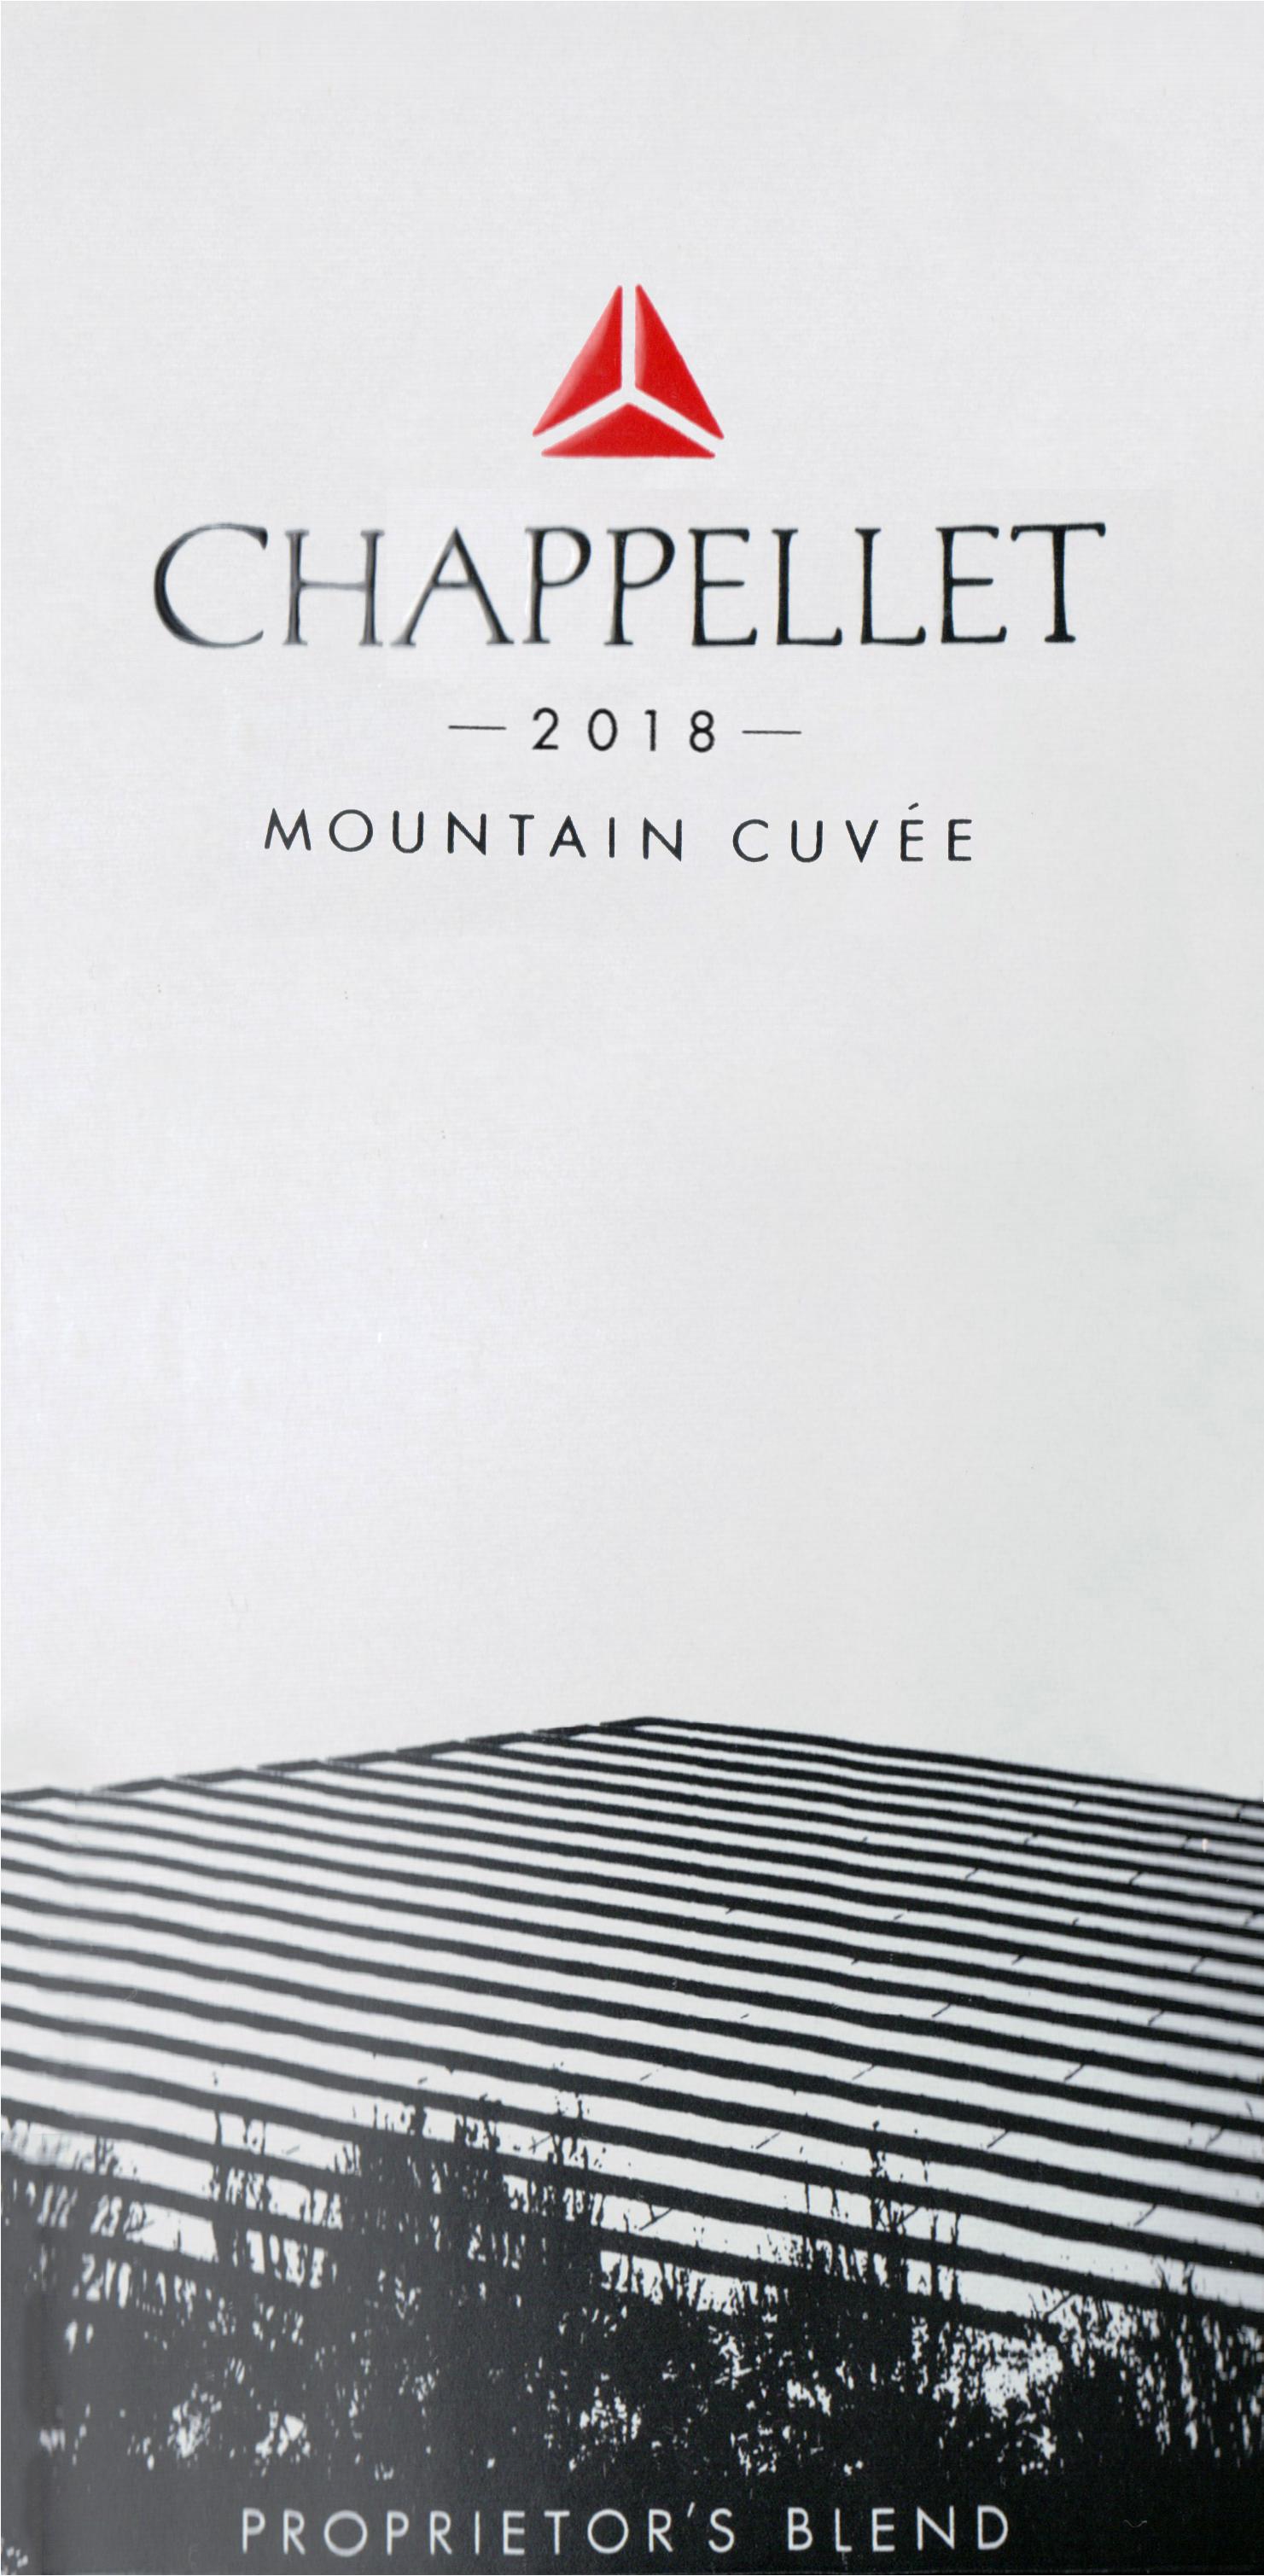 Chappellet Mt Cuvee 2018